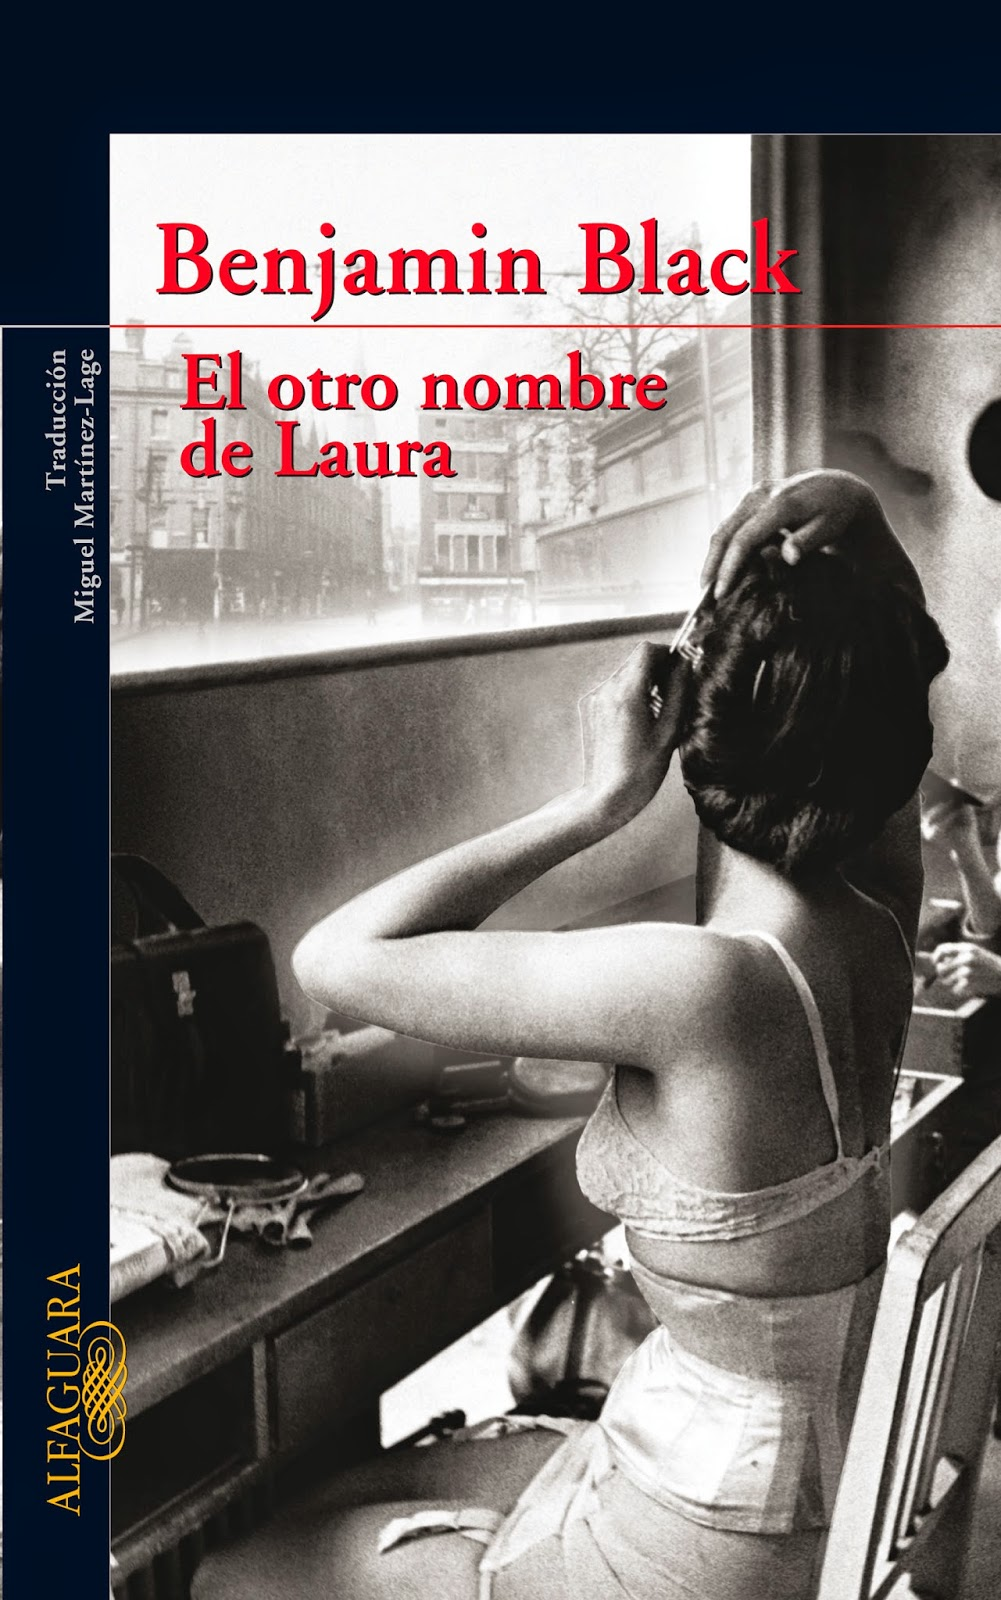 El otro nombre de Laura - Benjamin Black